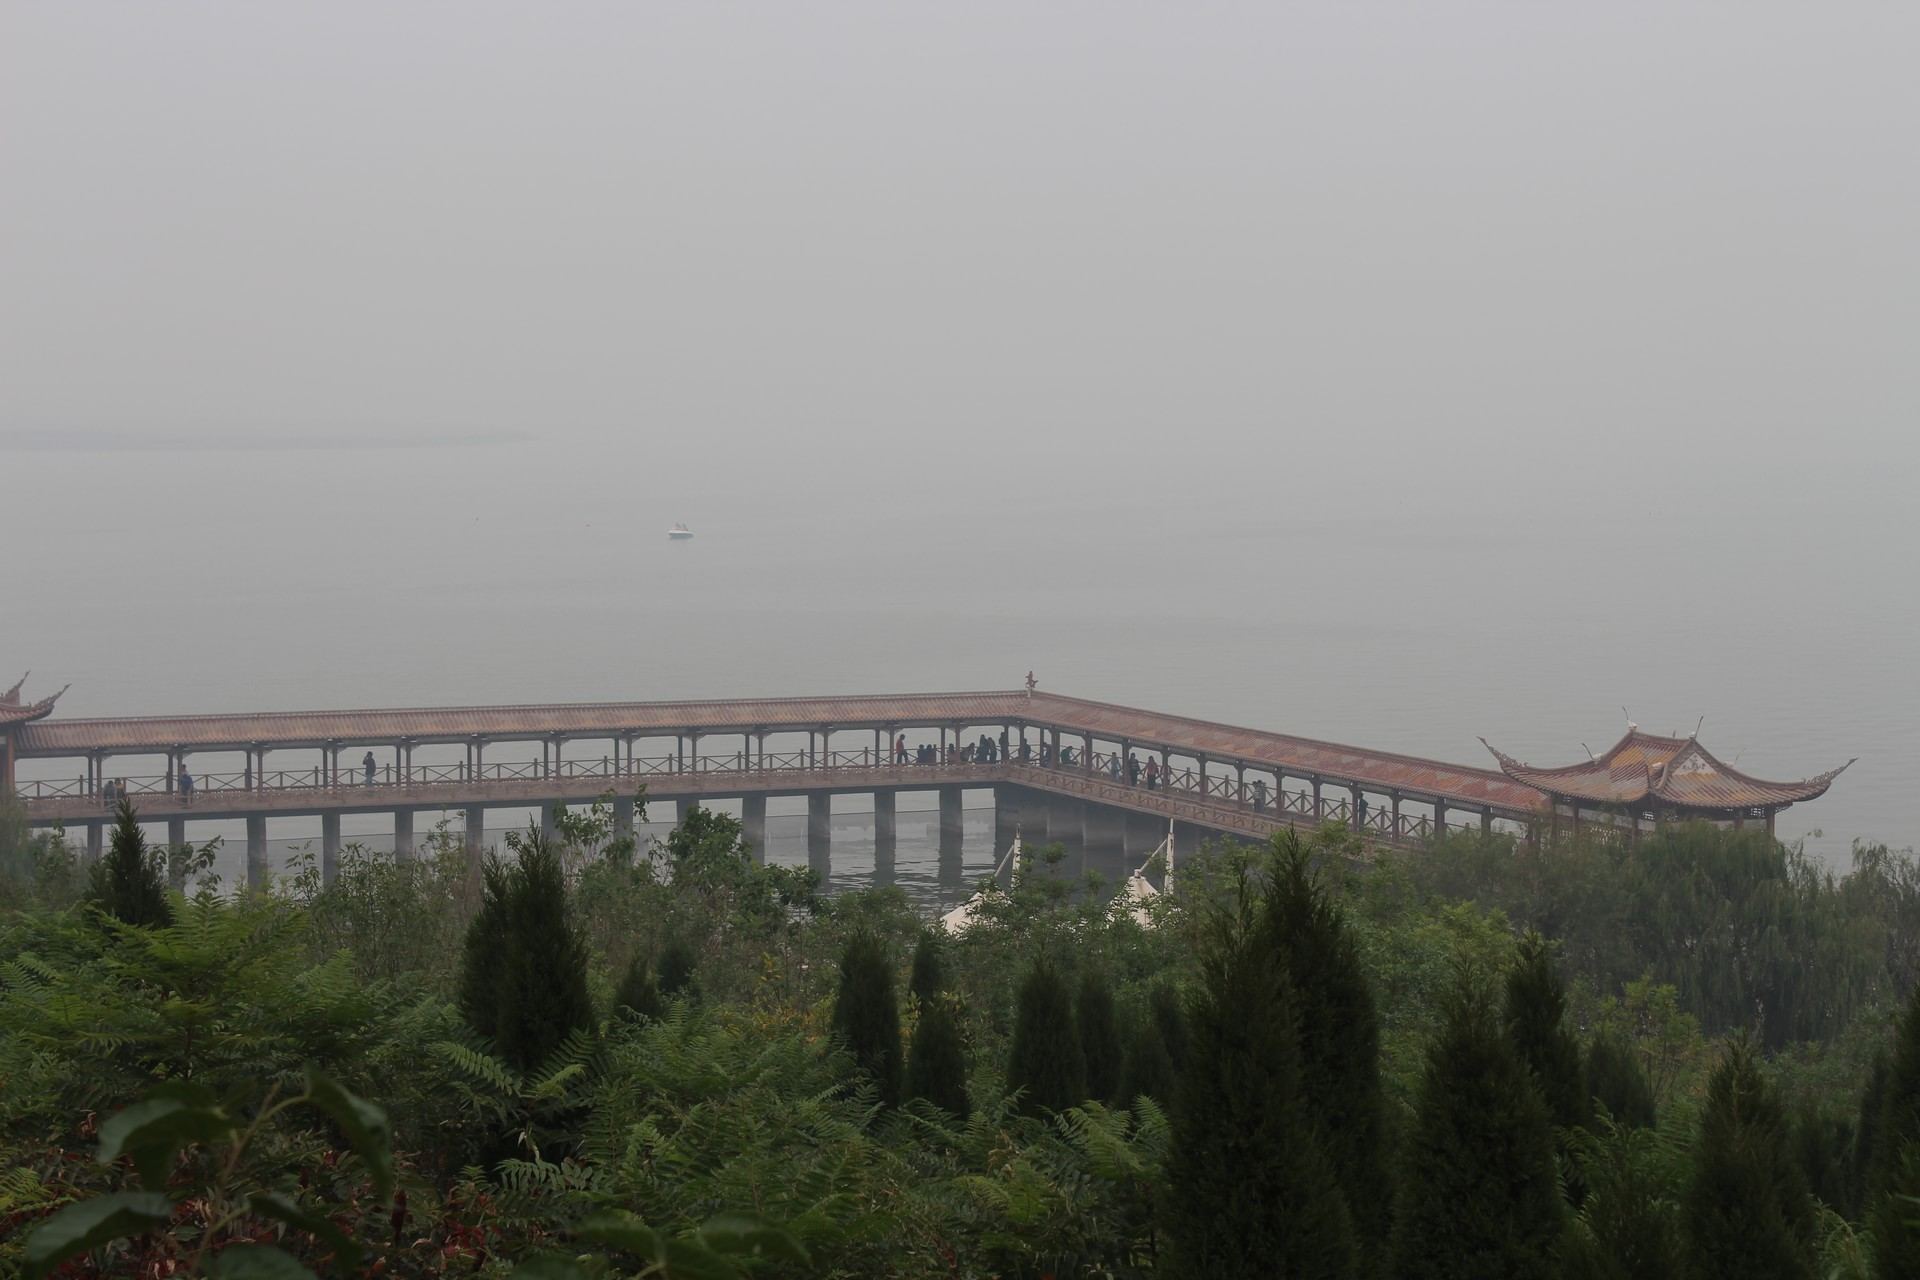 胜利天鹅湖位于东营市东城东南方向15公里天鹅湖旅游度假区